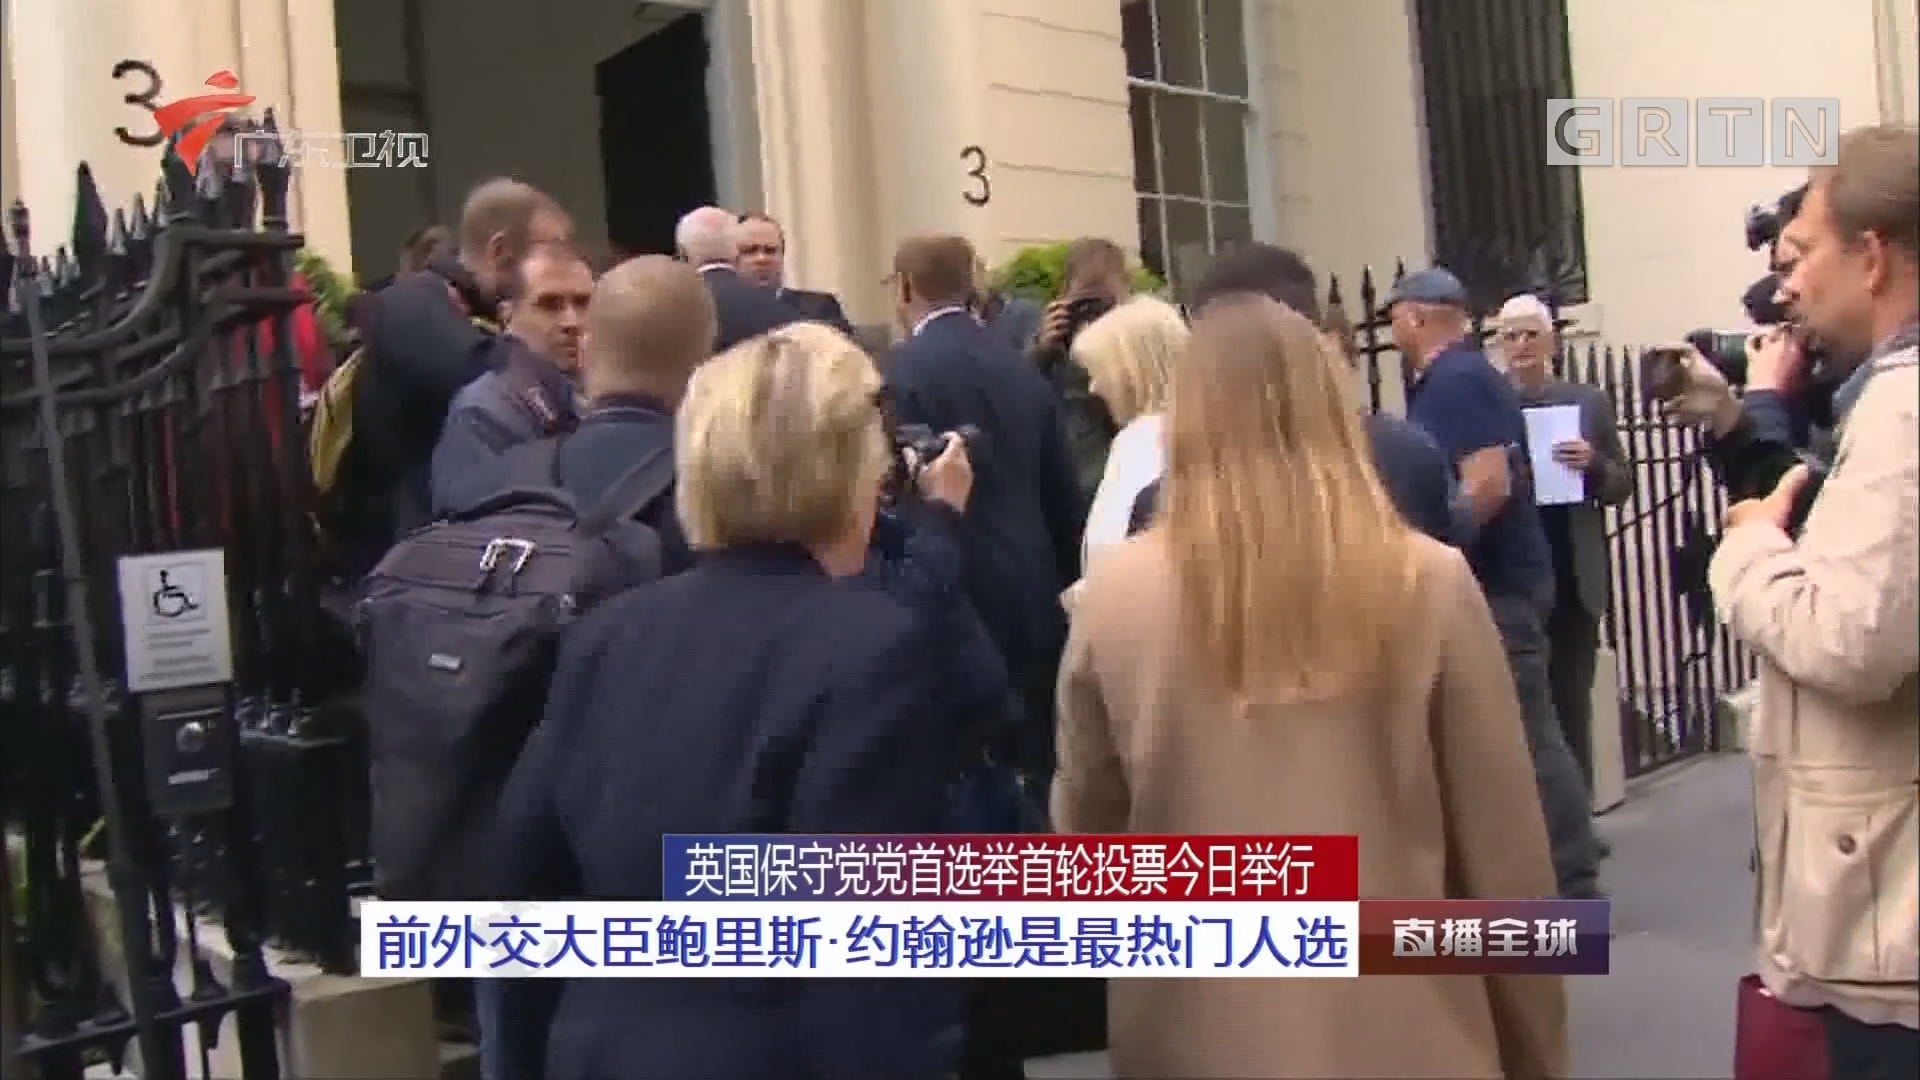 英国保守党党首选举首轮投票今日举行 前外交大臣鲍里斯·约翰逊是最热门人选